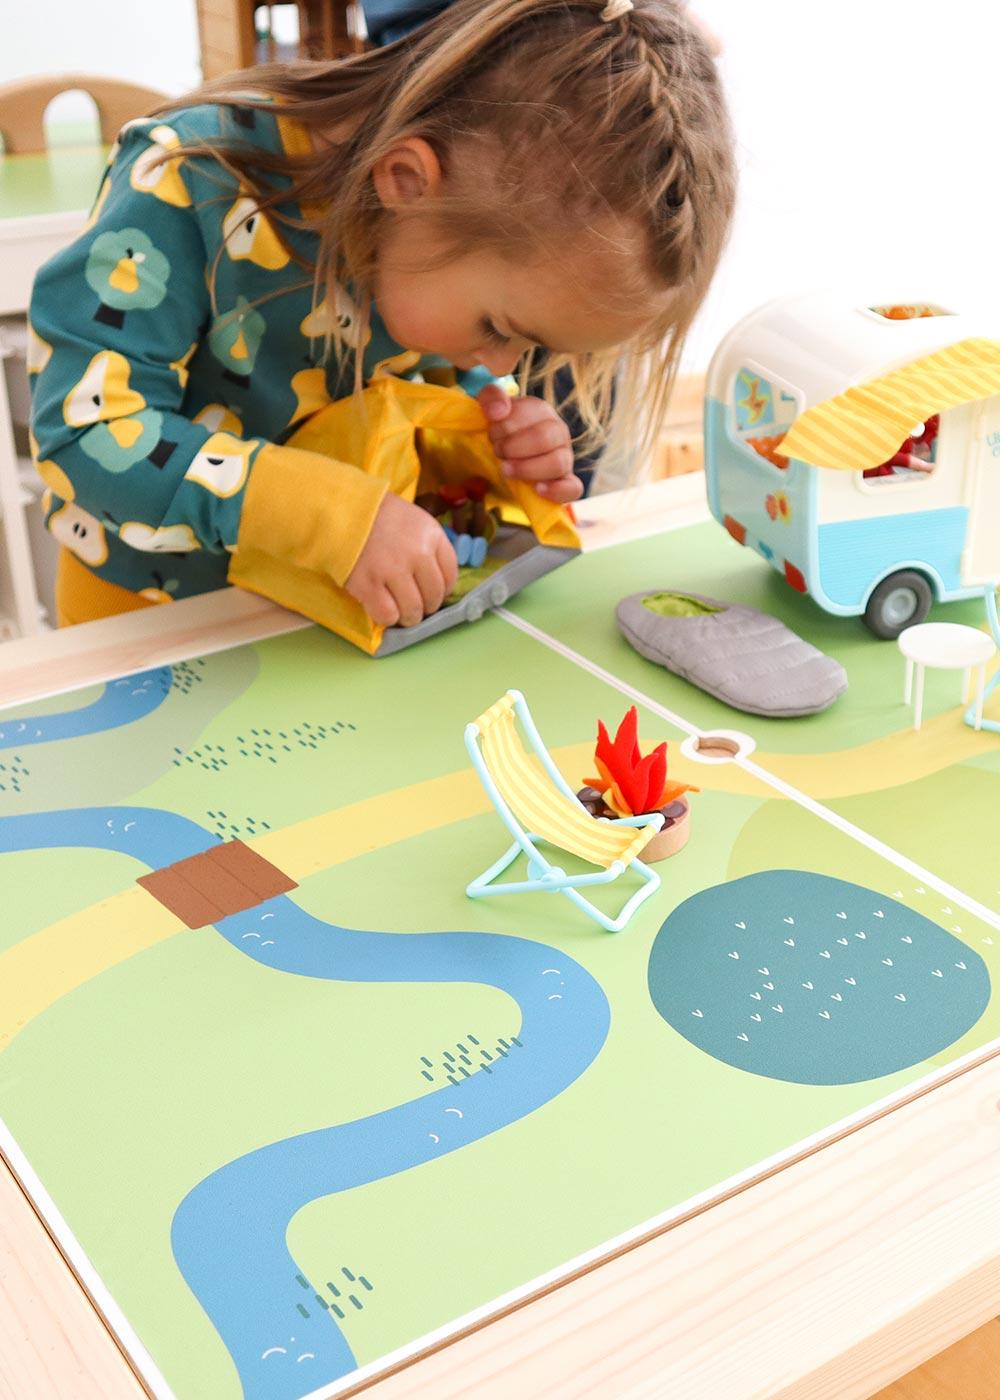 Ikea Flisat Kindertisch Spielwiese Teilansicht Kind